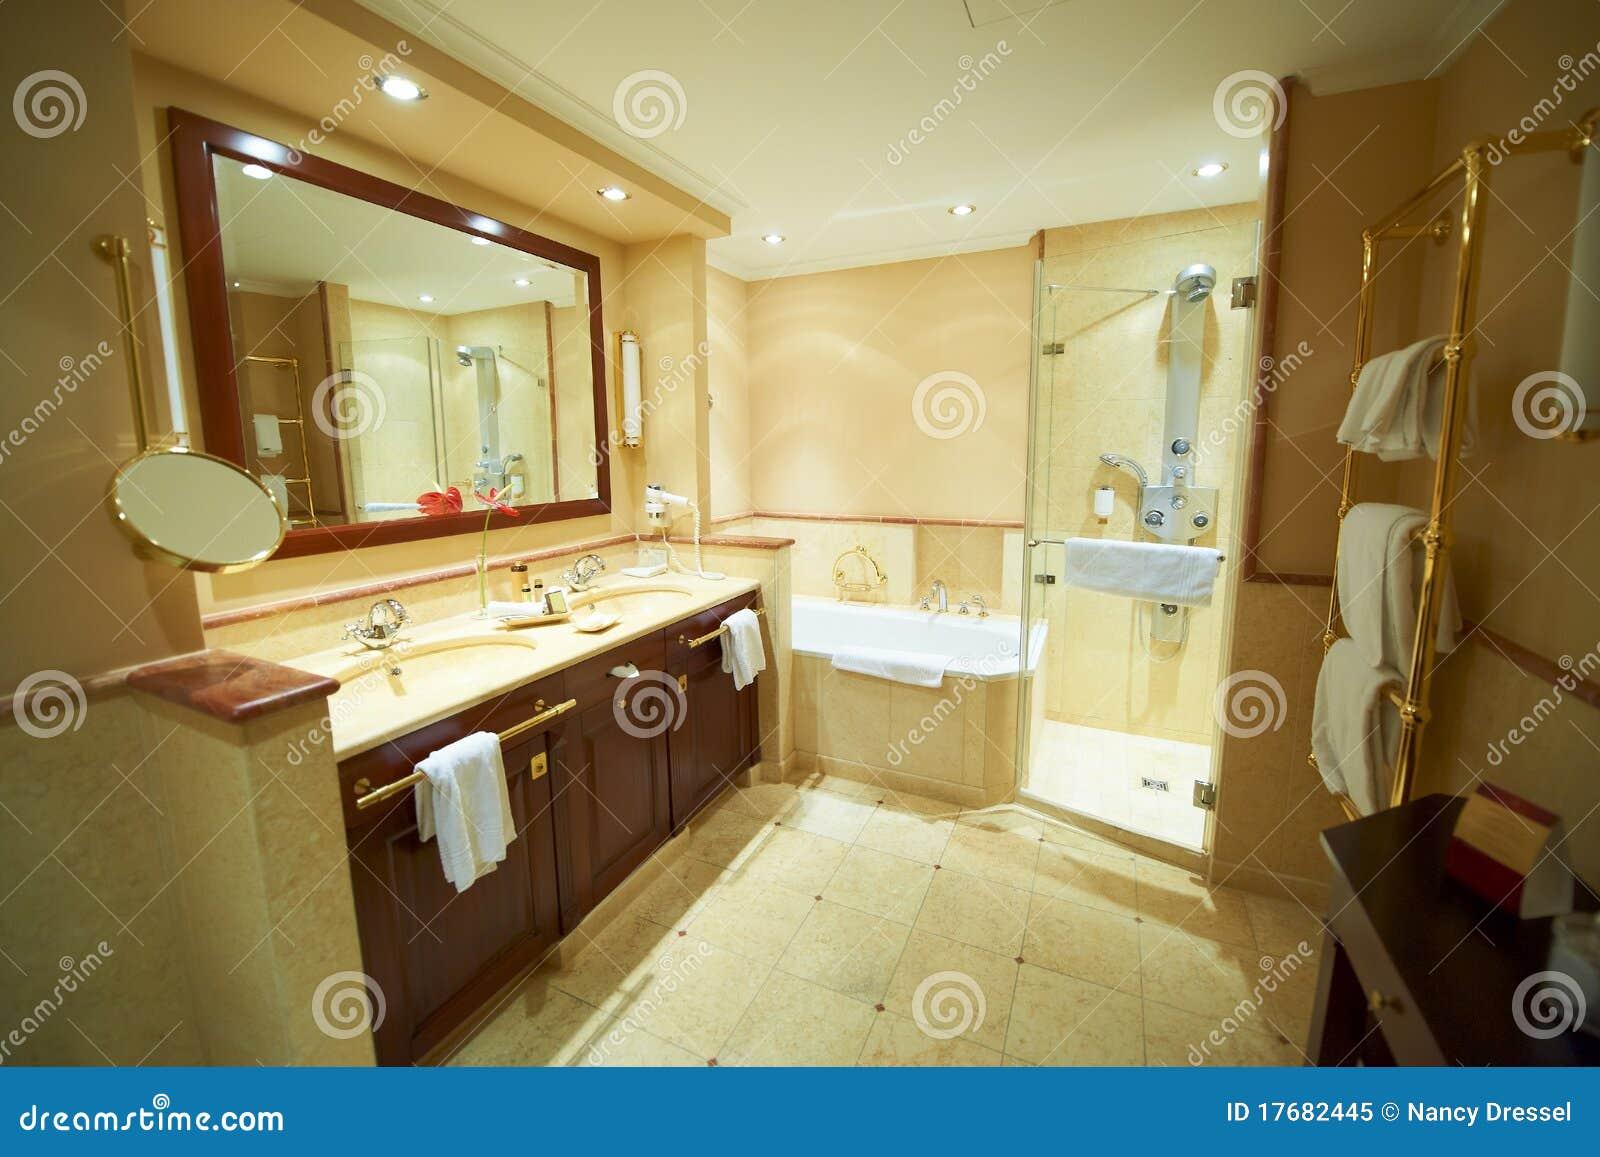 Salle de bains moderne image stock image du h tel - Bain douche nancy ...